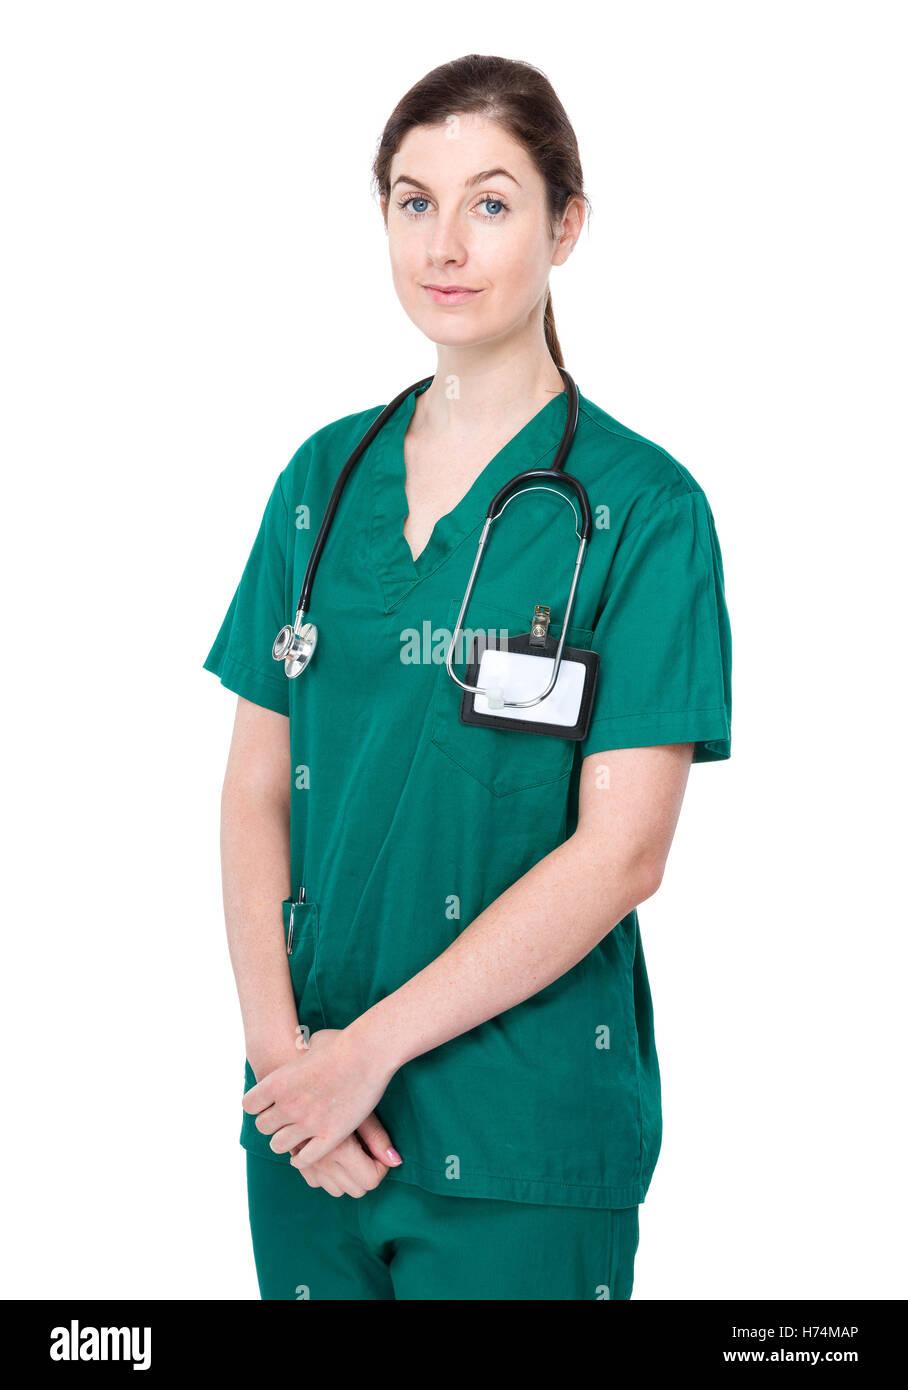 Médecin praticien médical médecin médecin femme homme les êtres humains personnes personnes folklorique de l'être Banque D'Images